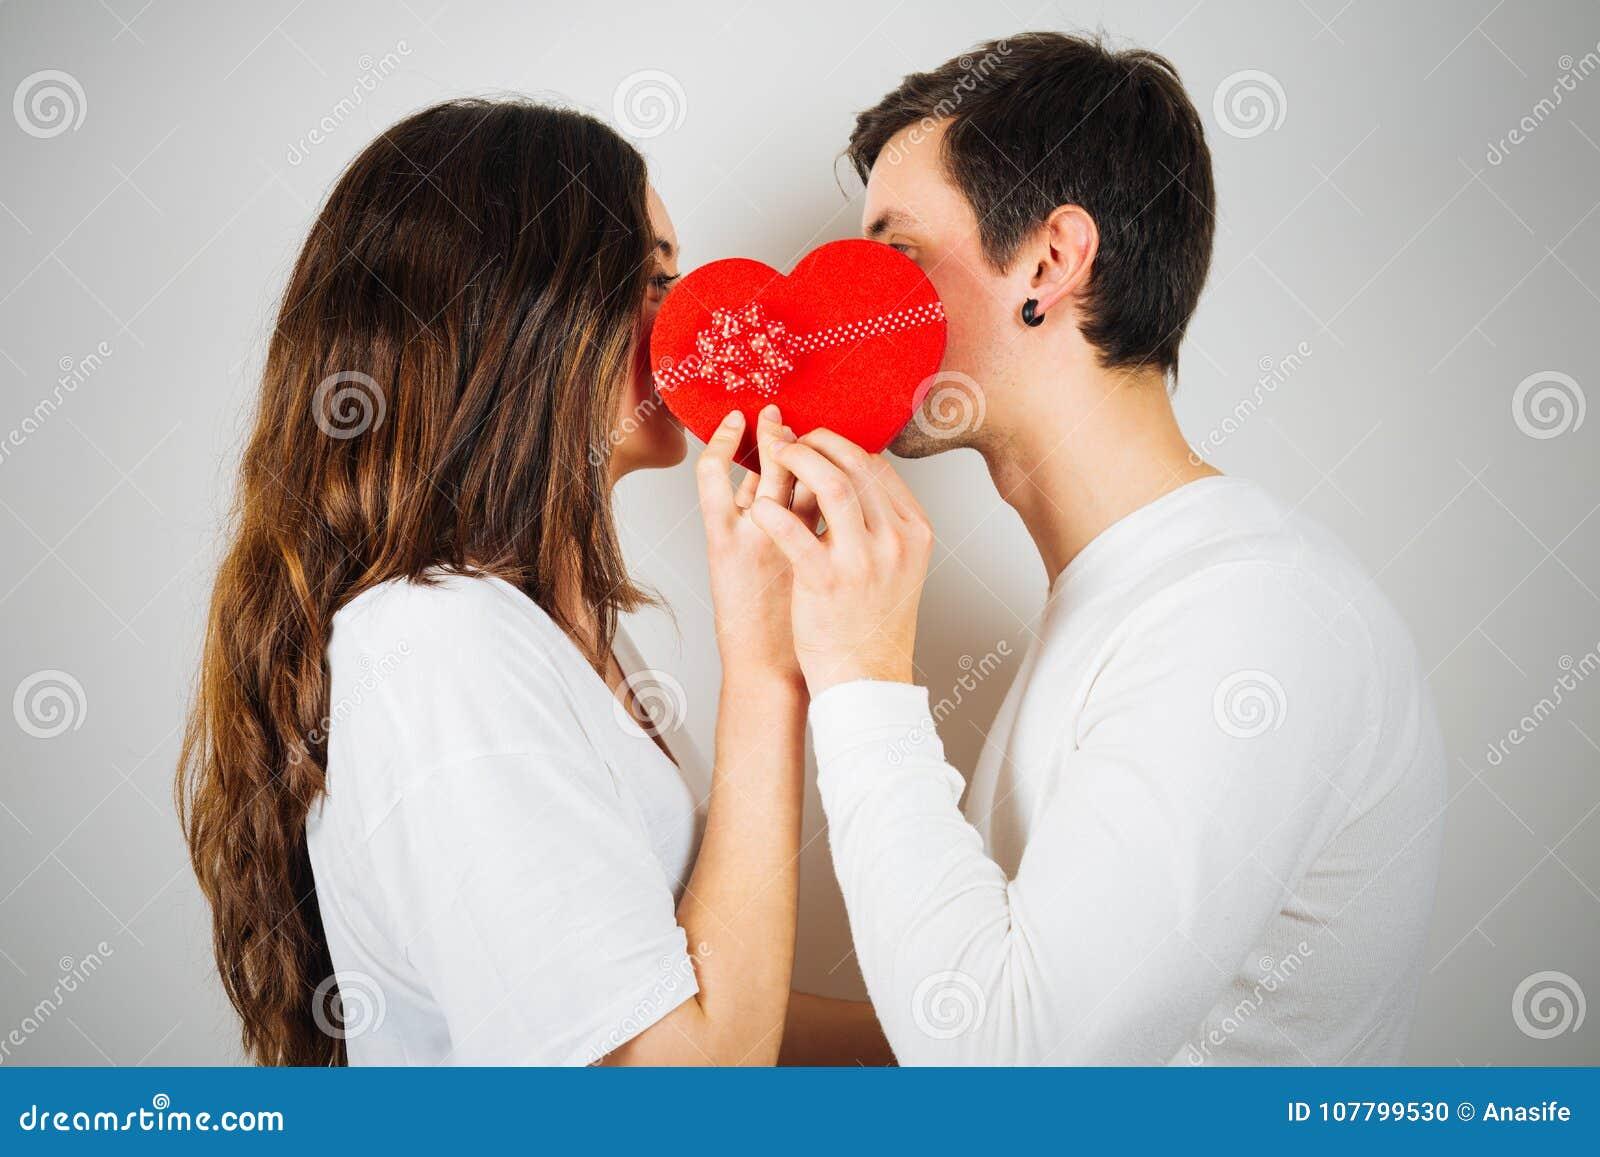 Pares jovenes alrededor a besarse detrás de una caja de regalo en forma de corazón